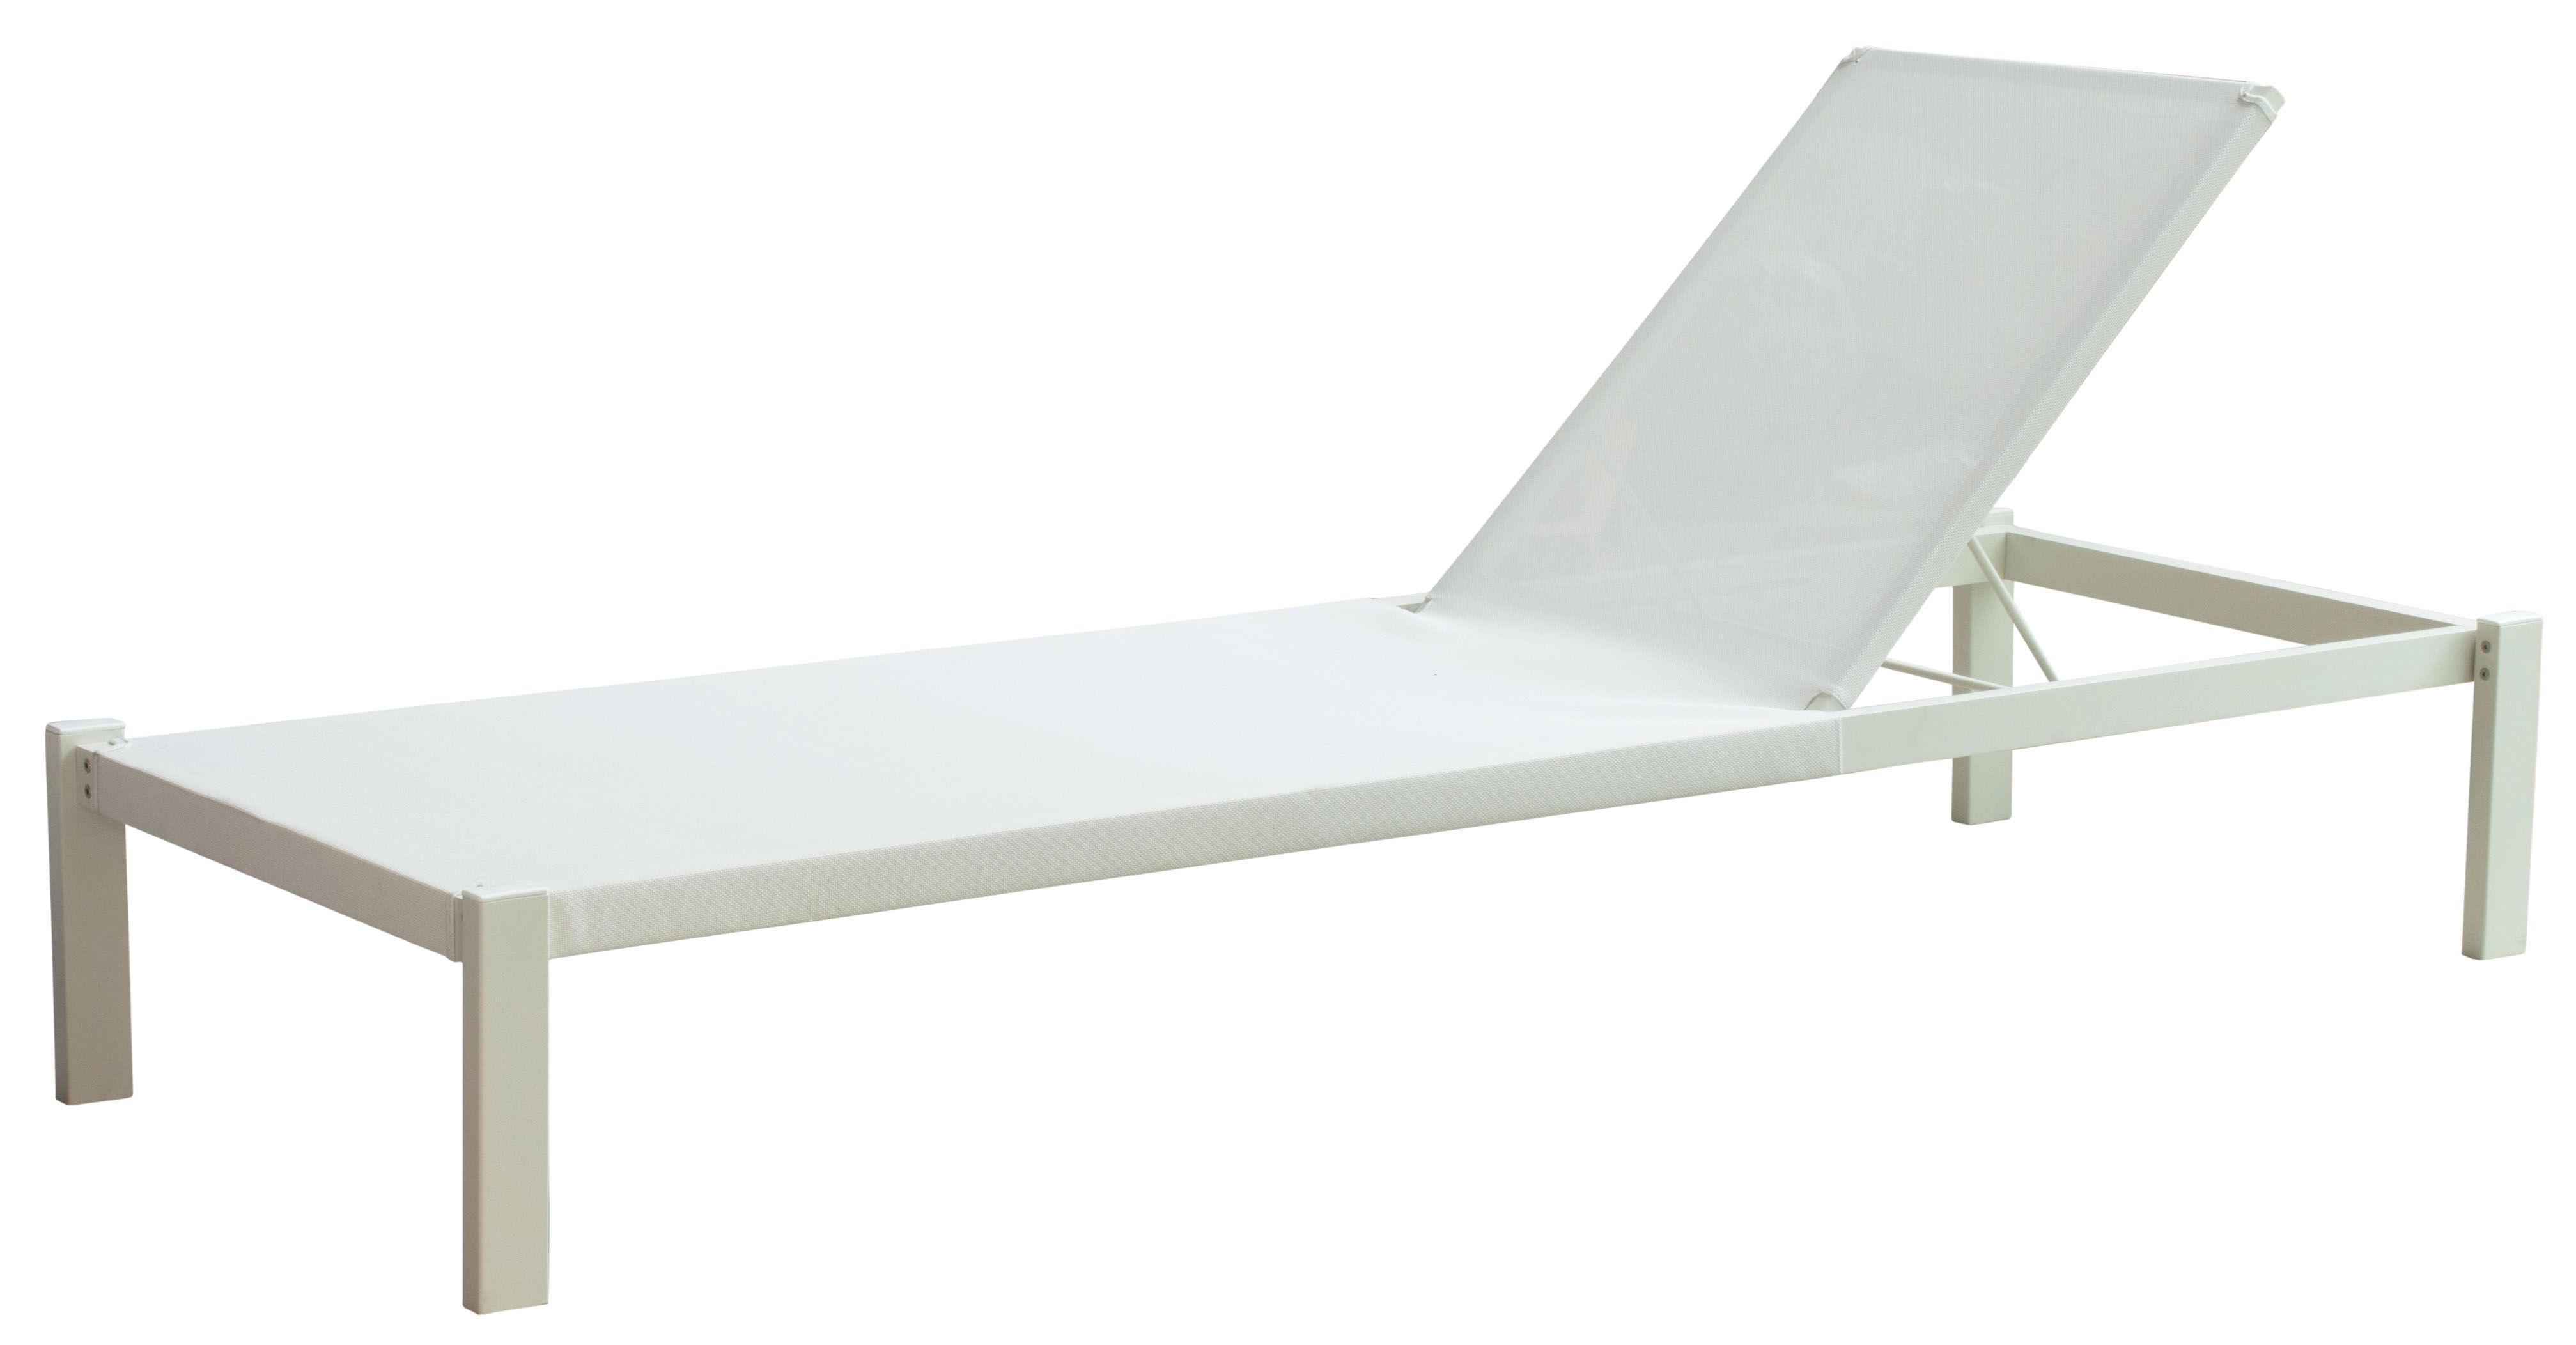 Outdoor - Liegen und Hängematten - Shine Sonnenliege / mit Textilbespannung - verstellbare Rückenlehne - Emu - Weiß / Bespannung weiß - gefirnister Stahl, Leinen